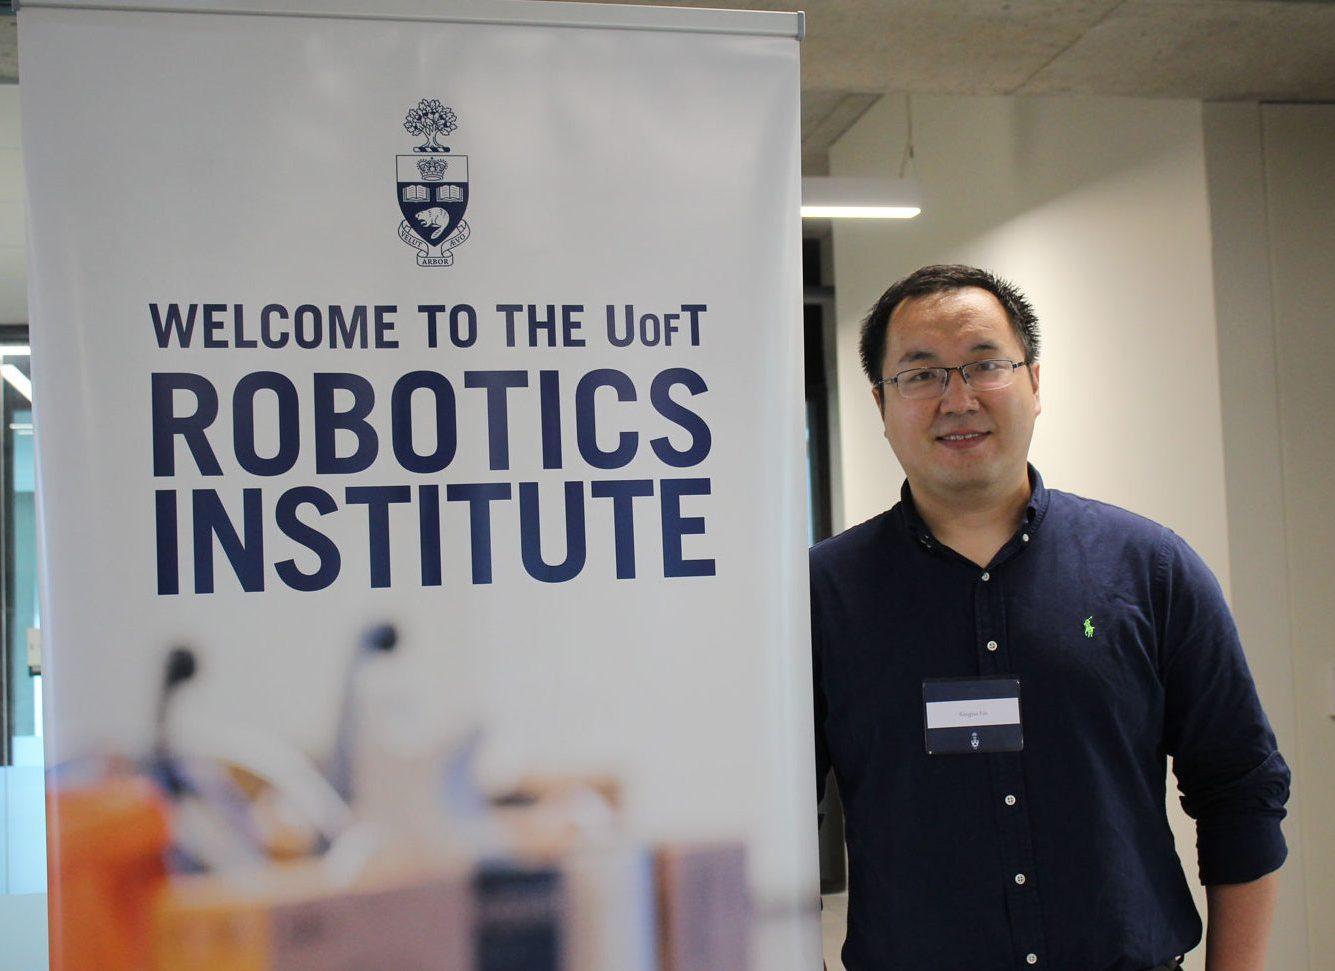 XingJian Liu at the Robotics Institute launch, May 25, 2019. Photo courtesy Xiaoyu Zhu.